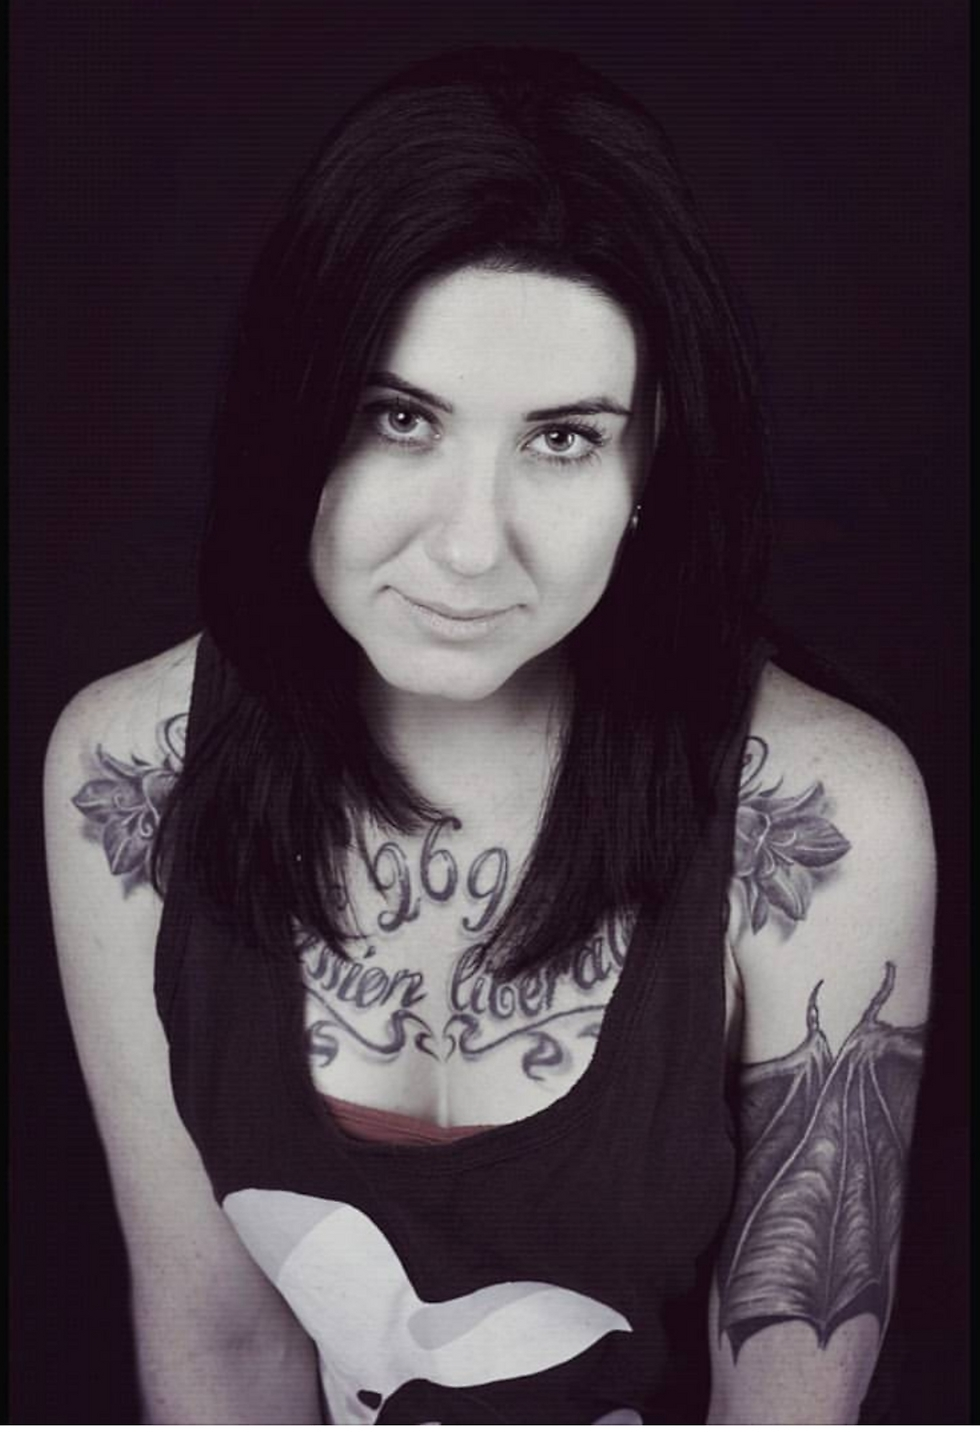 מריה הופ. יצאה מהכלא הנפשי והתגברה על הטראומה (צילום:  סיגל מועלם כגן )